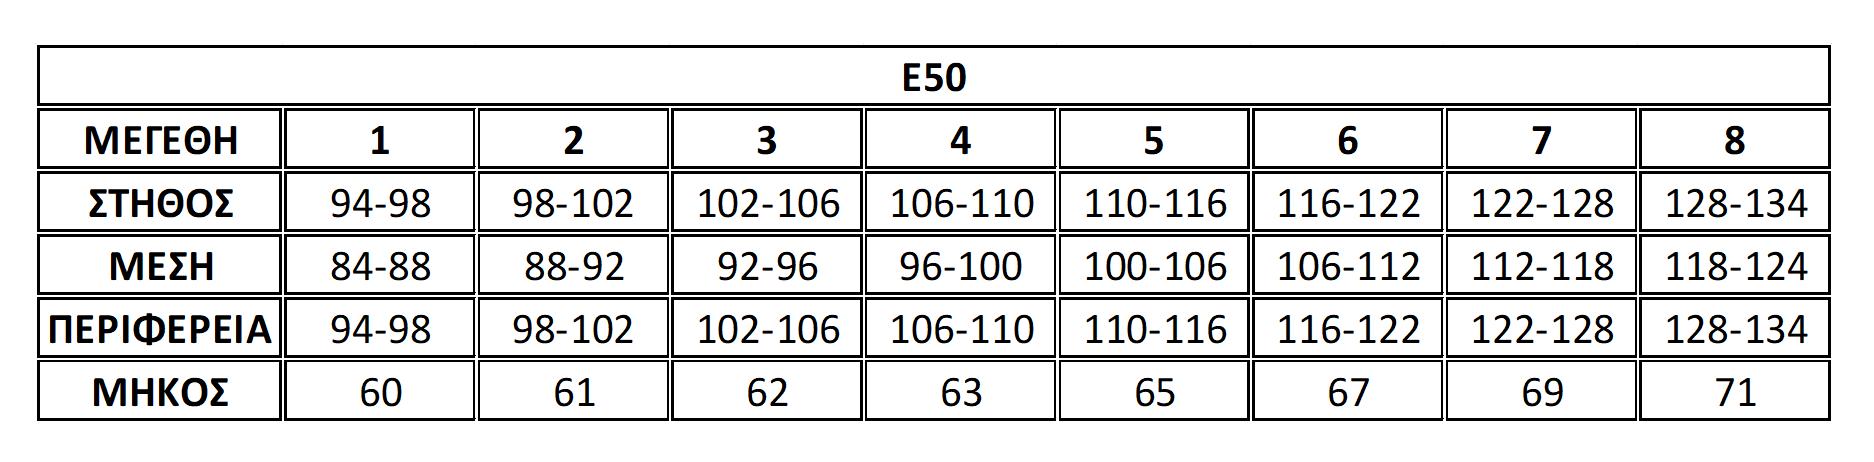 Μεγεθολόγιο Ε50